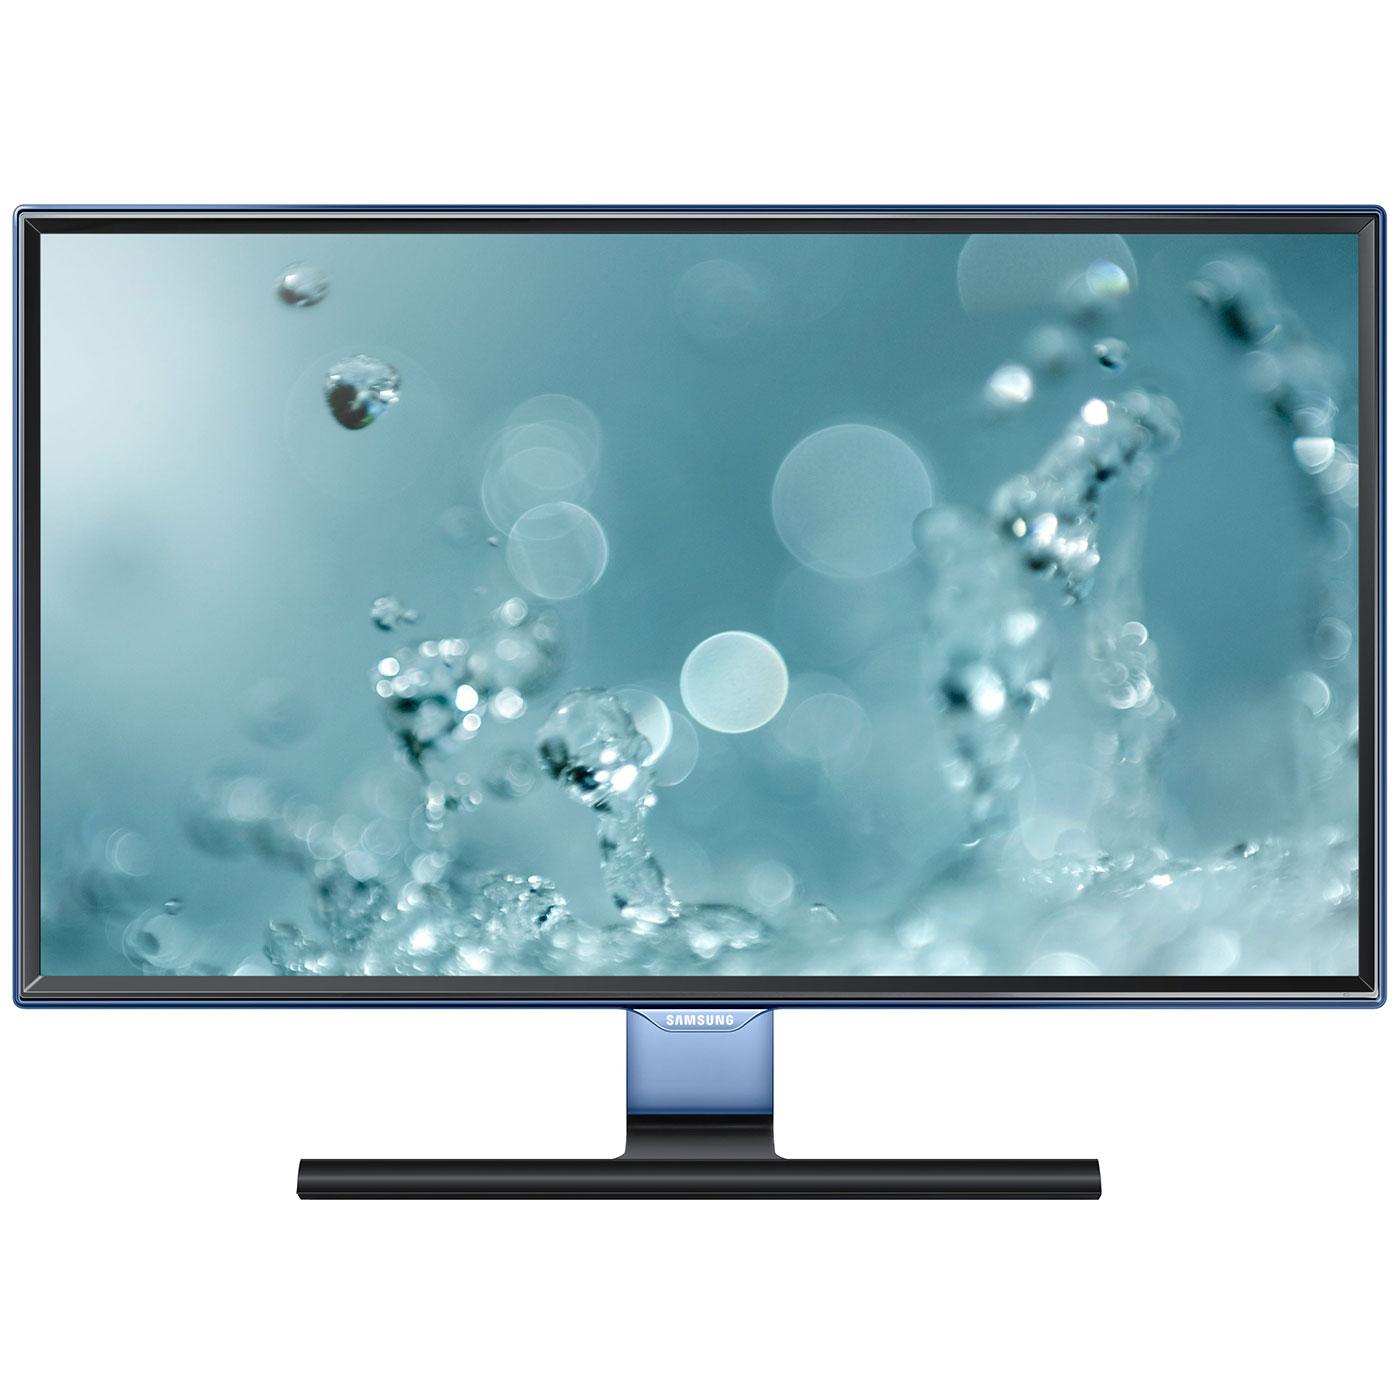 """Ecran PC Samsung 23.6"""" LED - S24E390HL 1920 x 1080 pixels - 4 ms (gris à gris) - Format large 16/9 - Dalle PLS - HDMI - Bleu/Noir (garantie constructeur 3 ans)"""